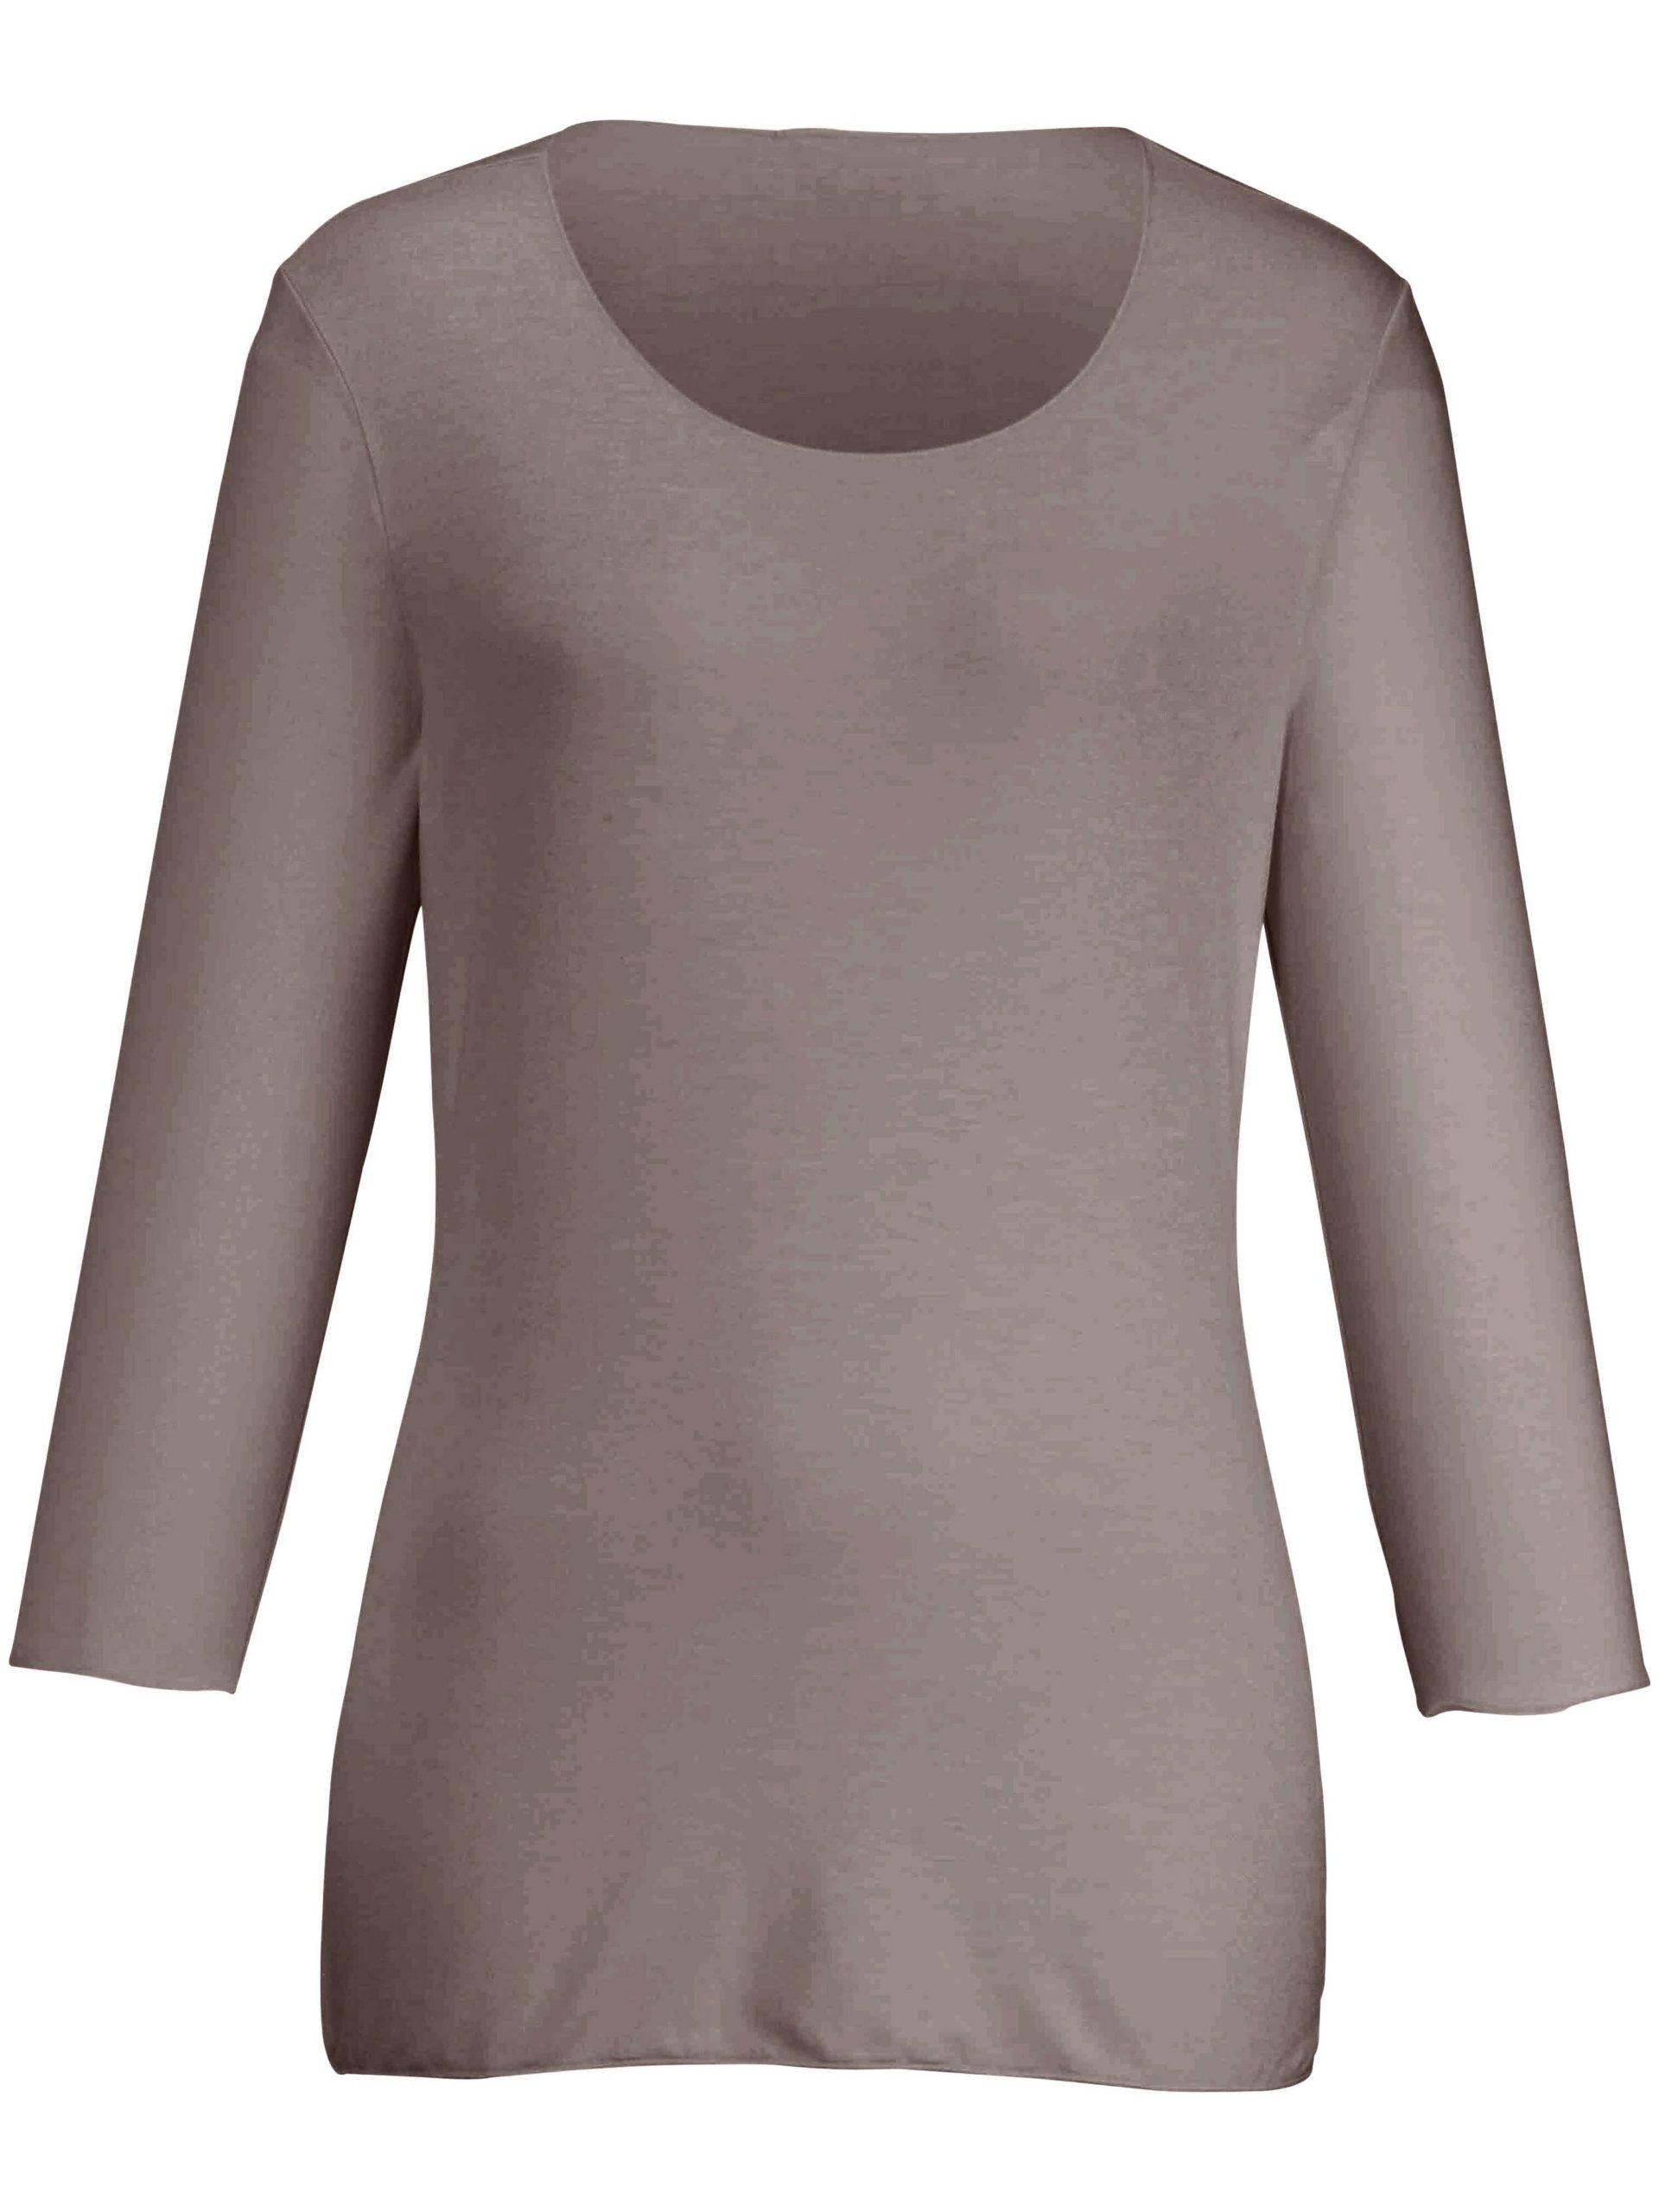 Shirt met 3/4-mouwen Van Peter Hahn beige Kopen